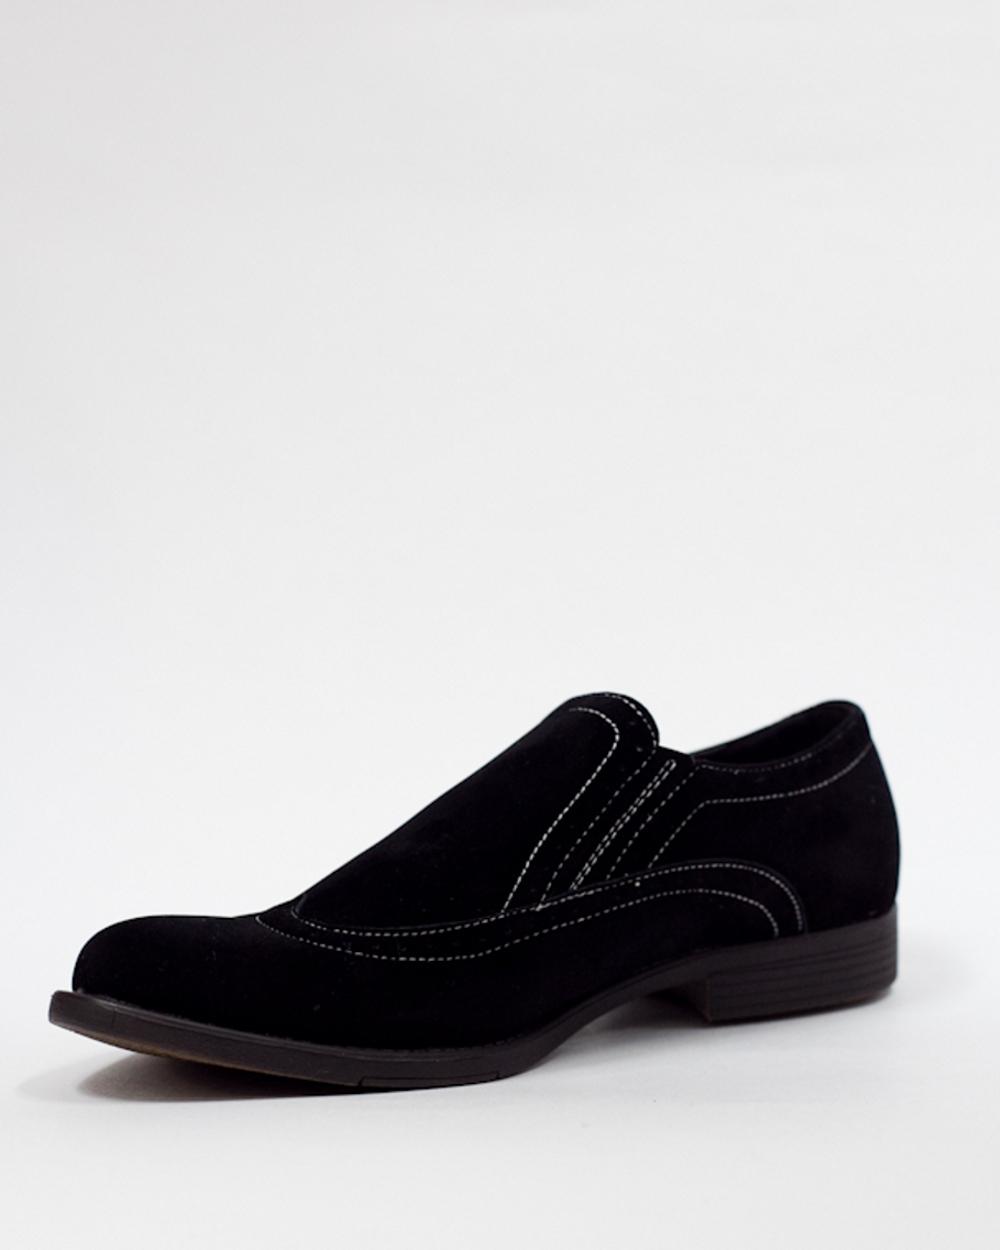 Купить мужские туфли от 1 6 руб в интернет-магазине